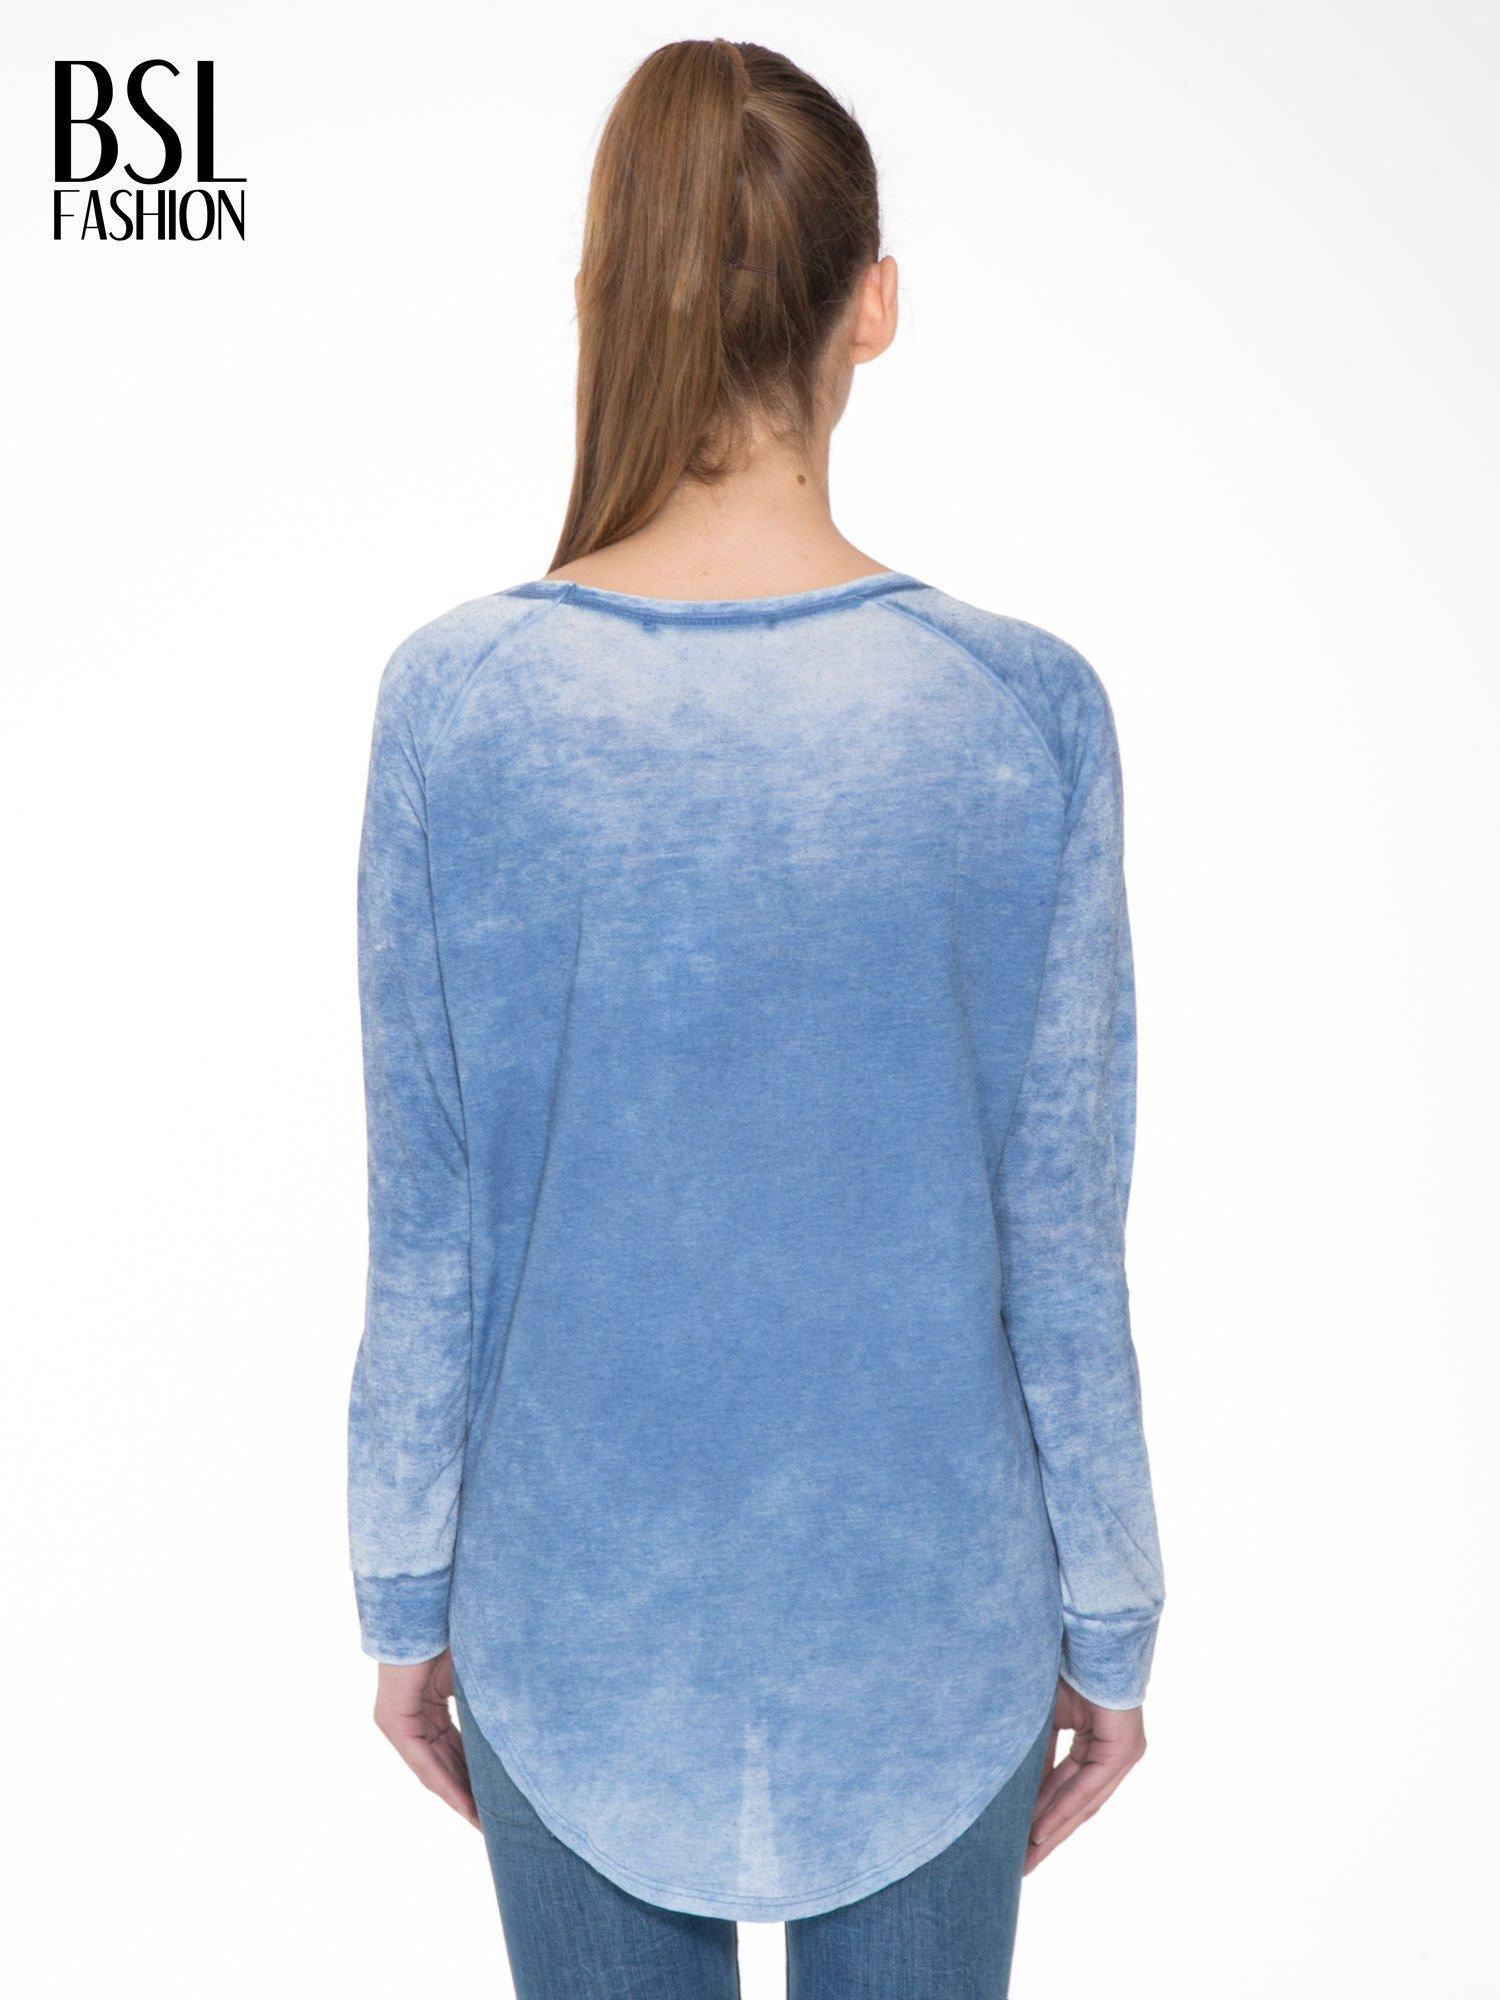 Niebieska bluzka z nadrukiem I LOVE BSL i efektem sprania                                  zdj.                                  4